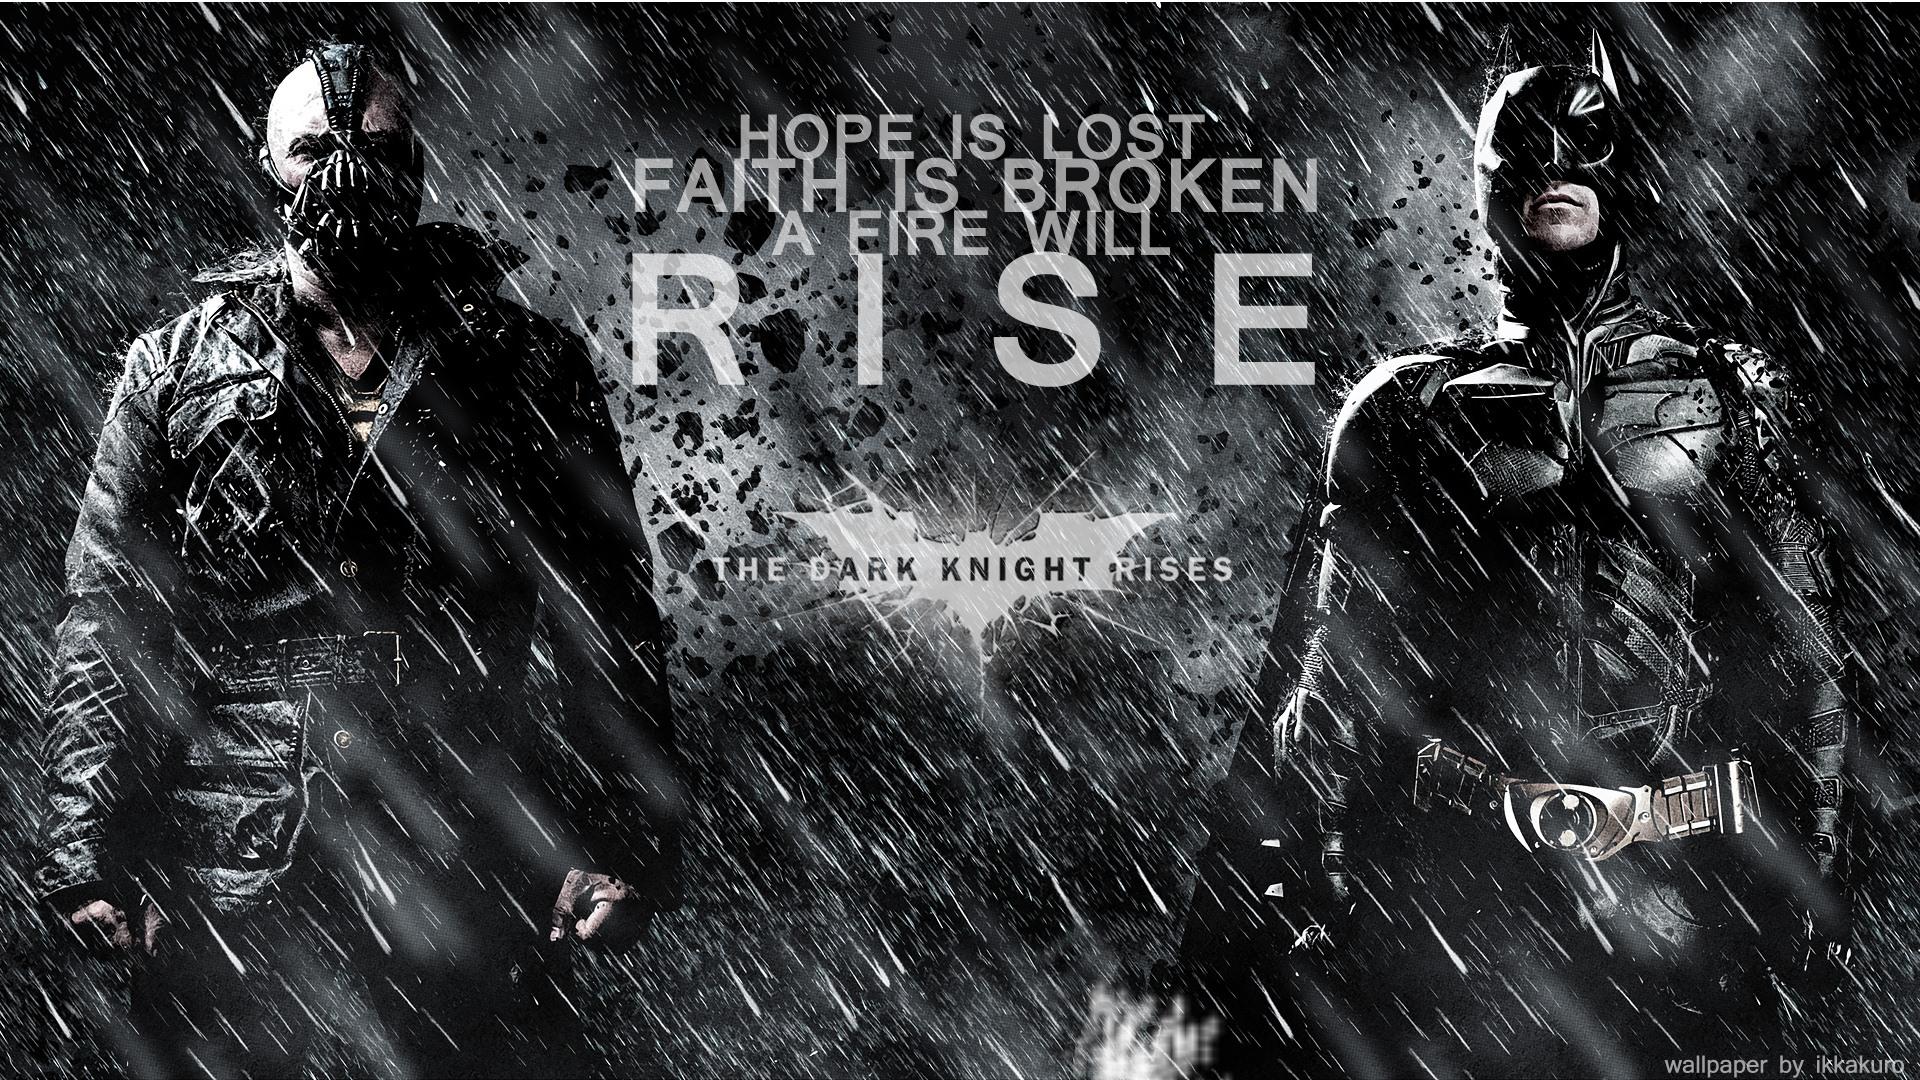 The Dark Knight Rises 2012 Hd Wallpapers 5 1920x1080